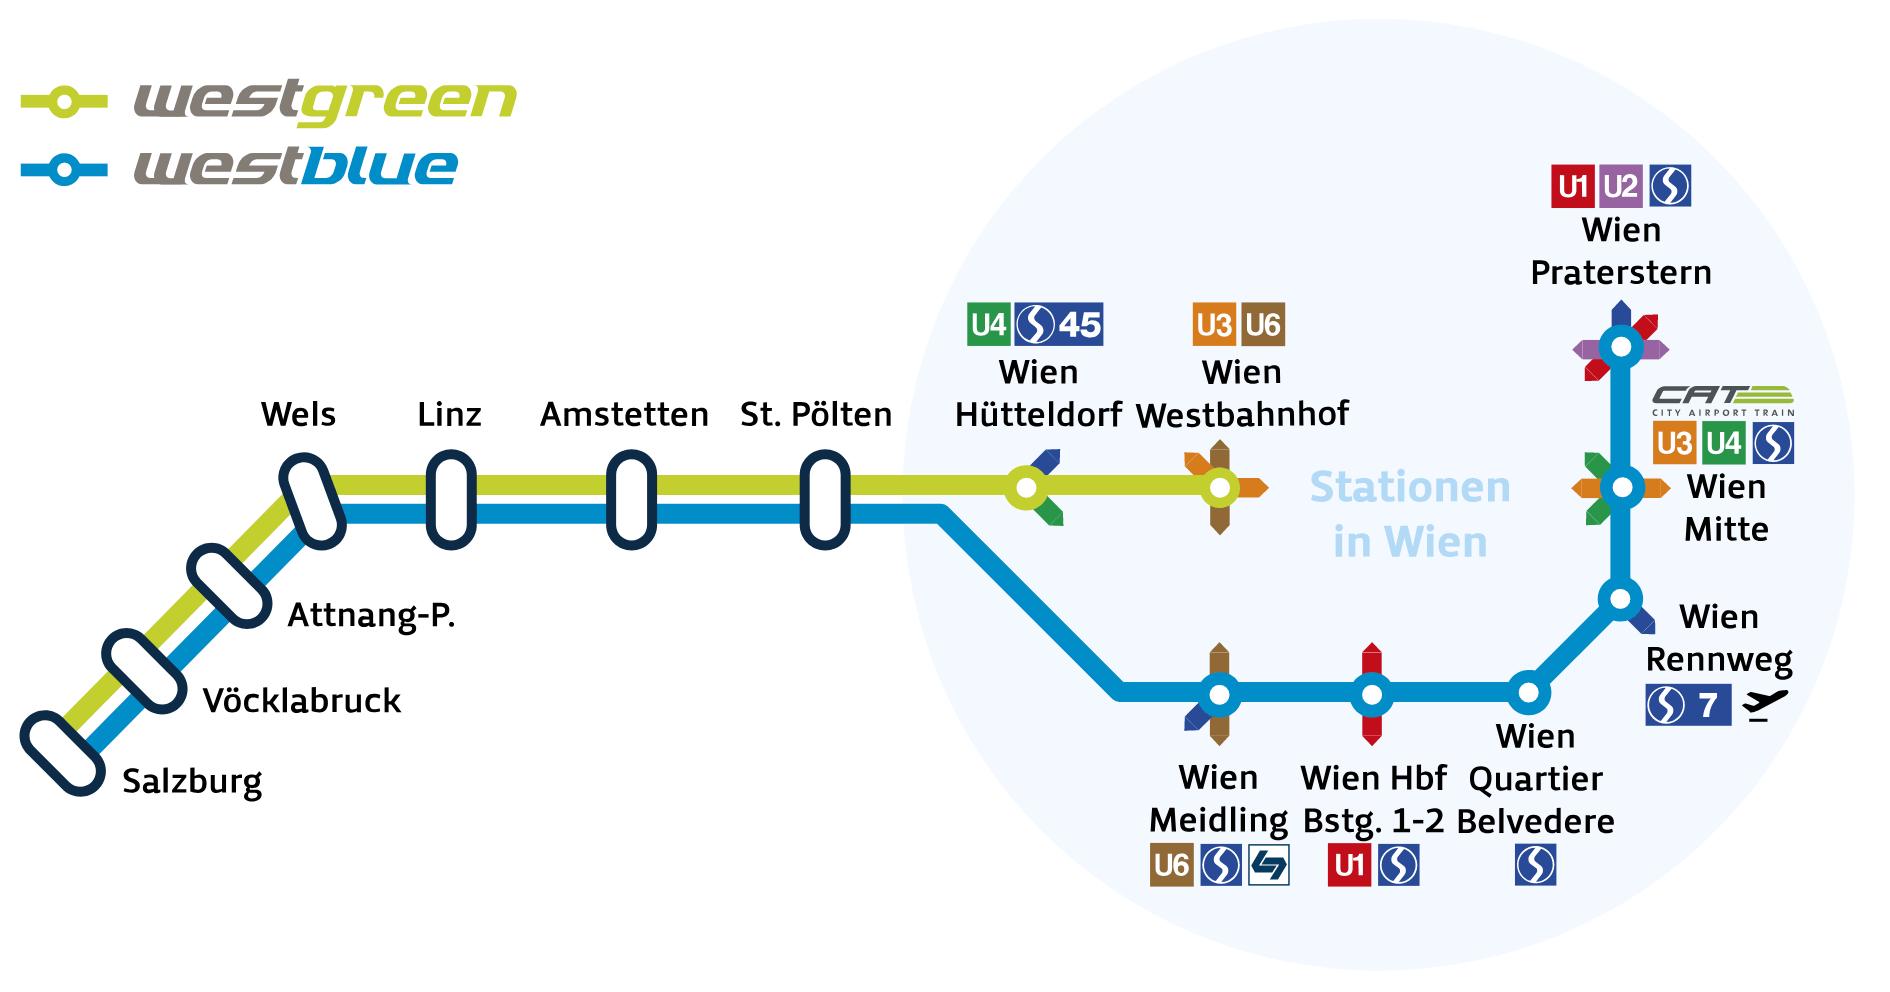 Маршруты Westbahn